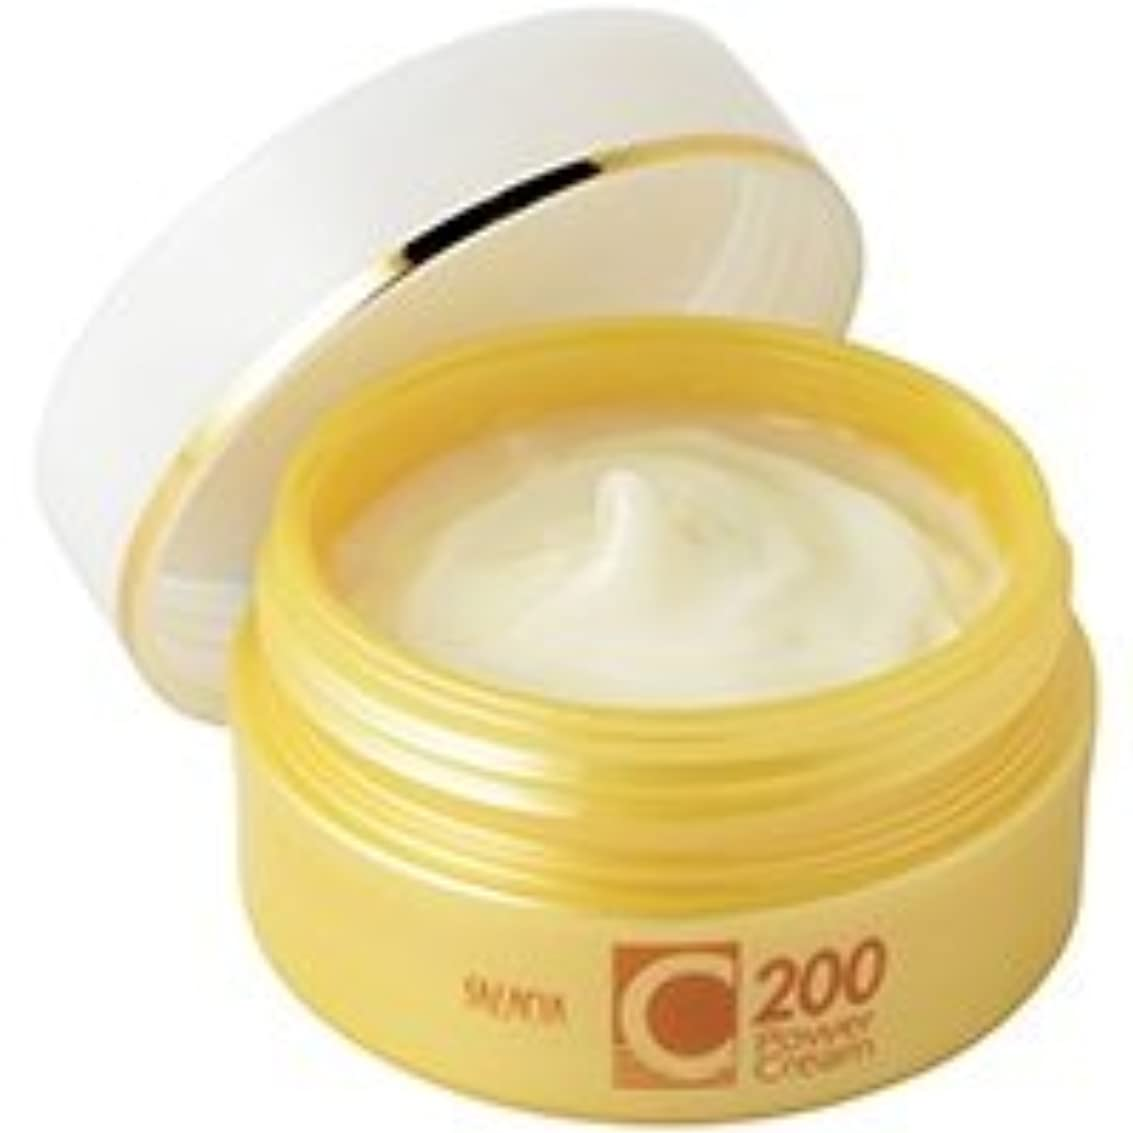 染色満たす不適当セレヴィーナ C200 パワークリーム 30g